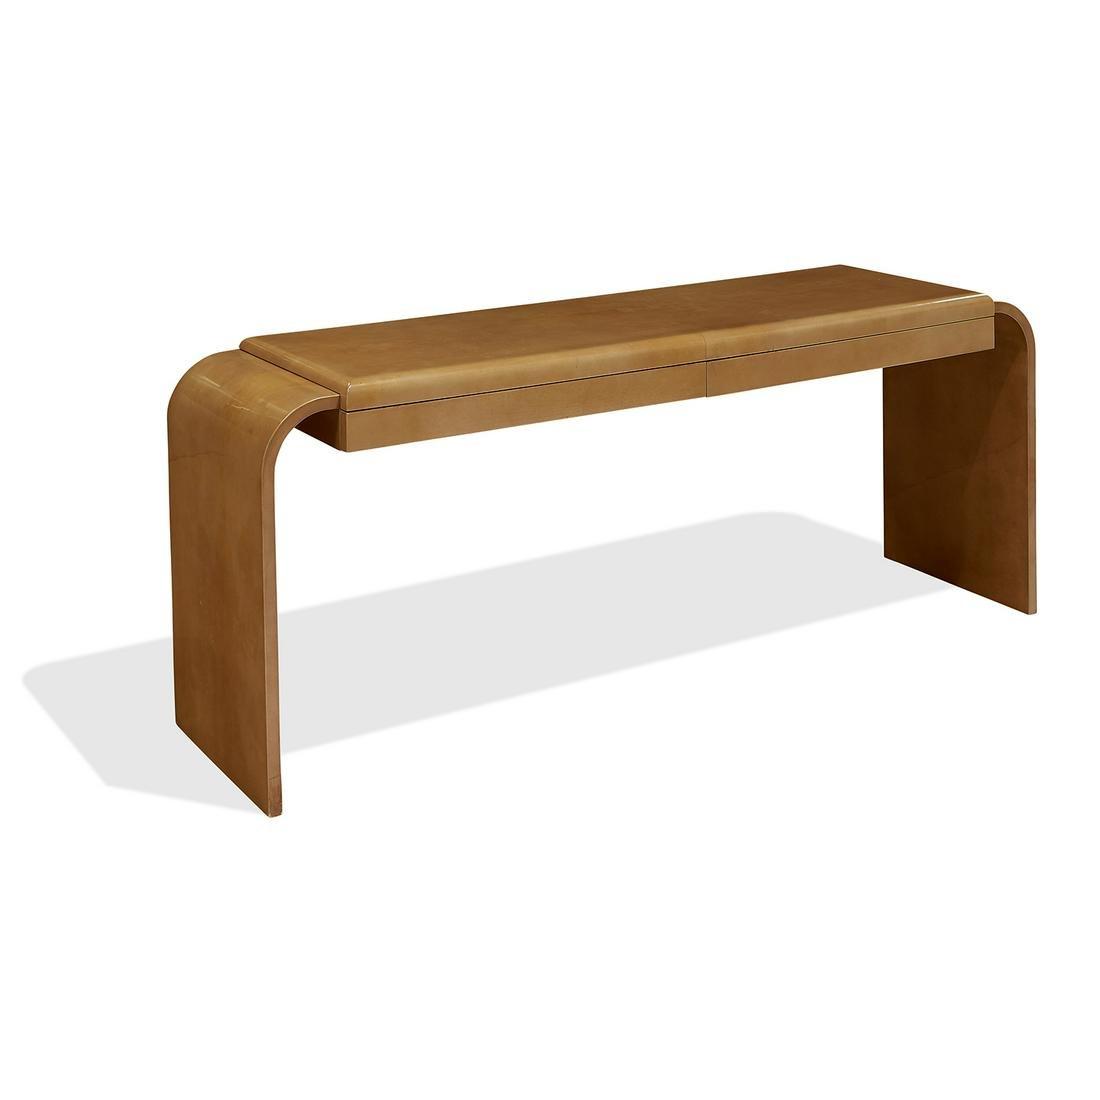 Aldo Tura console table